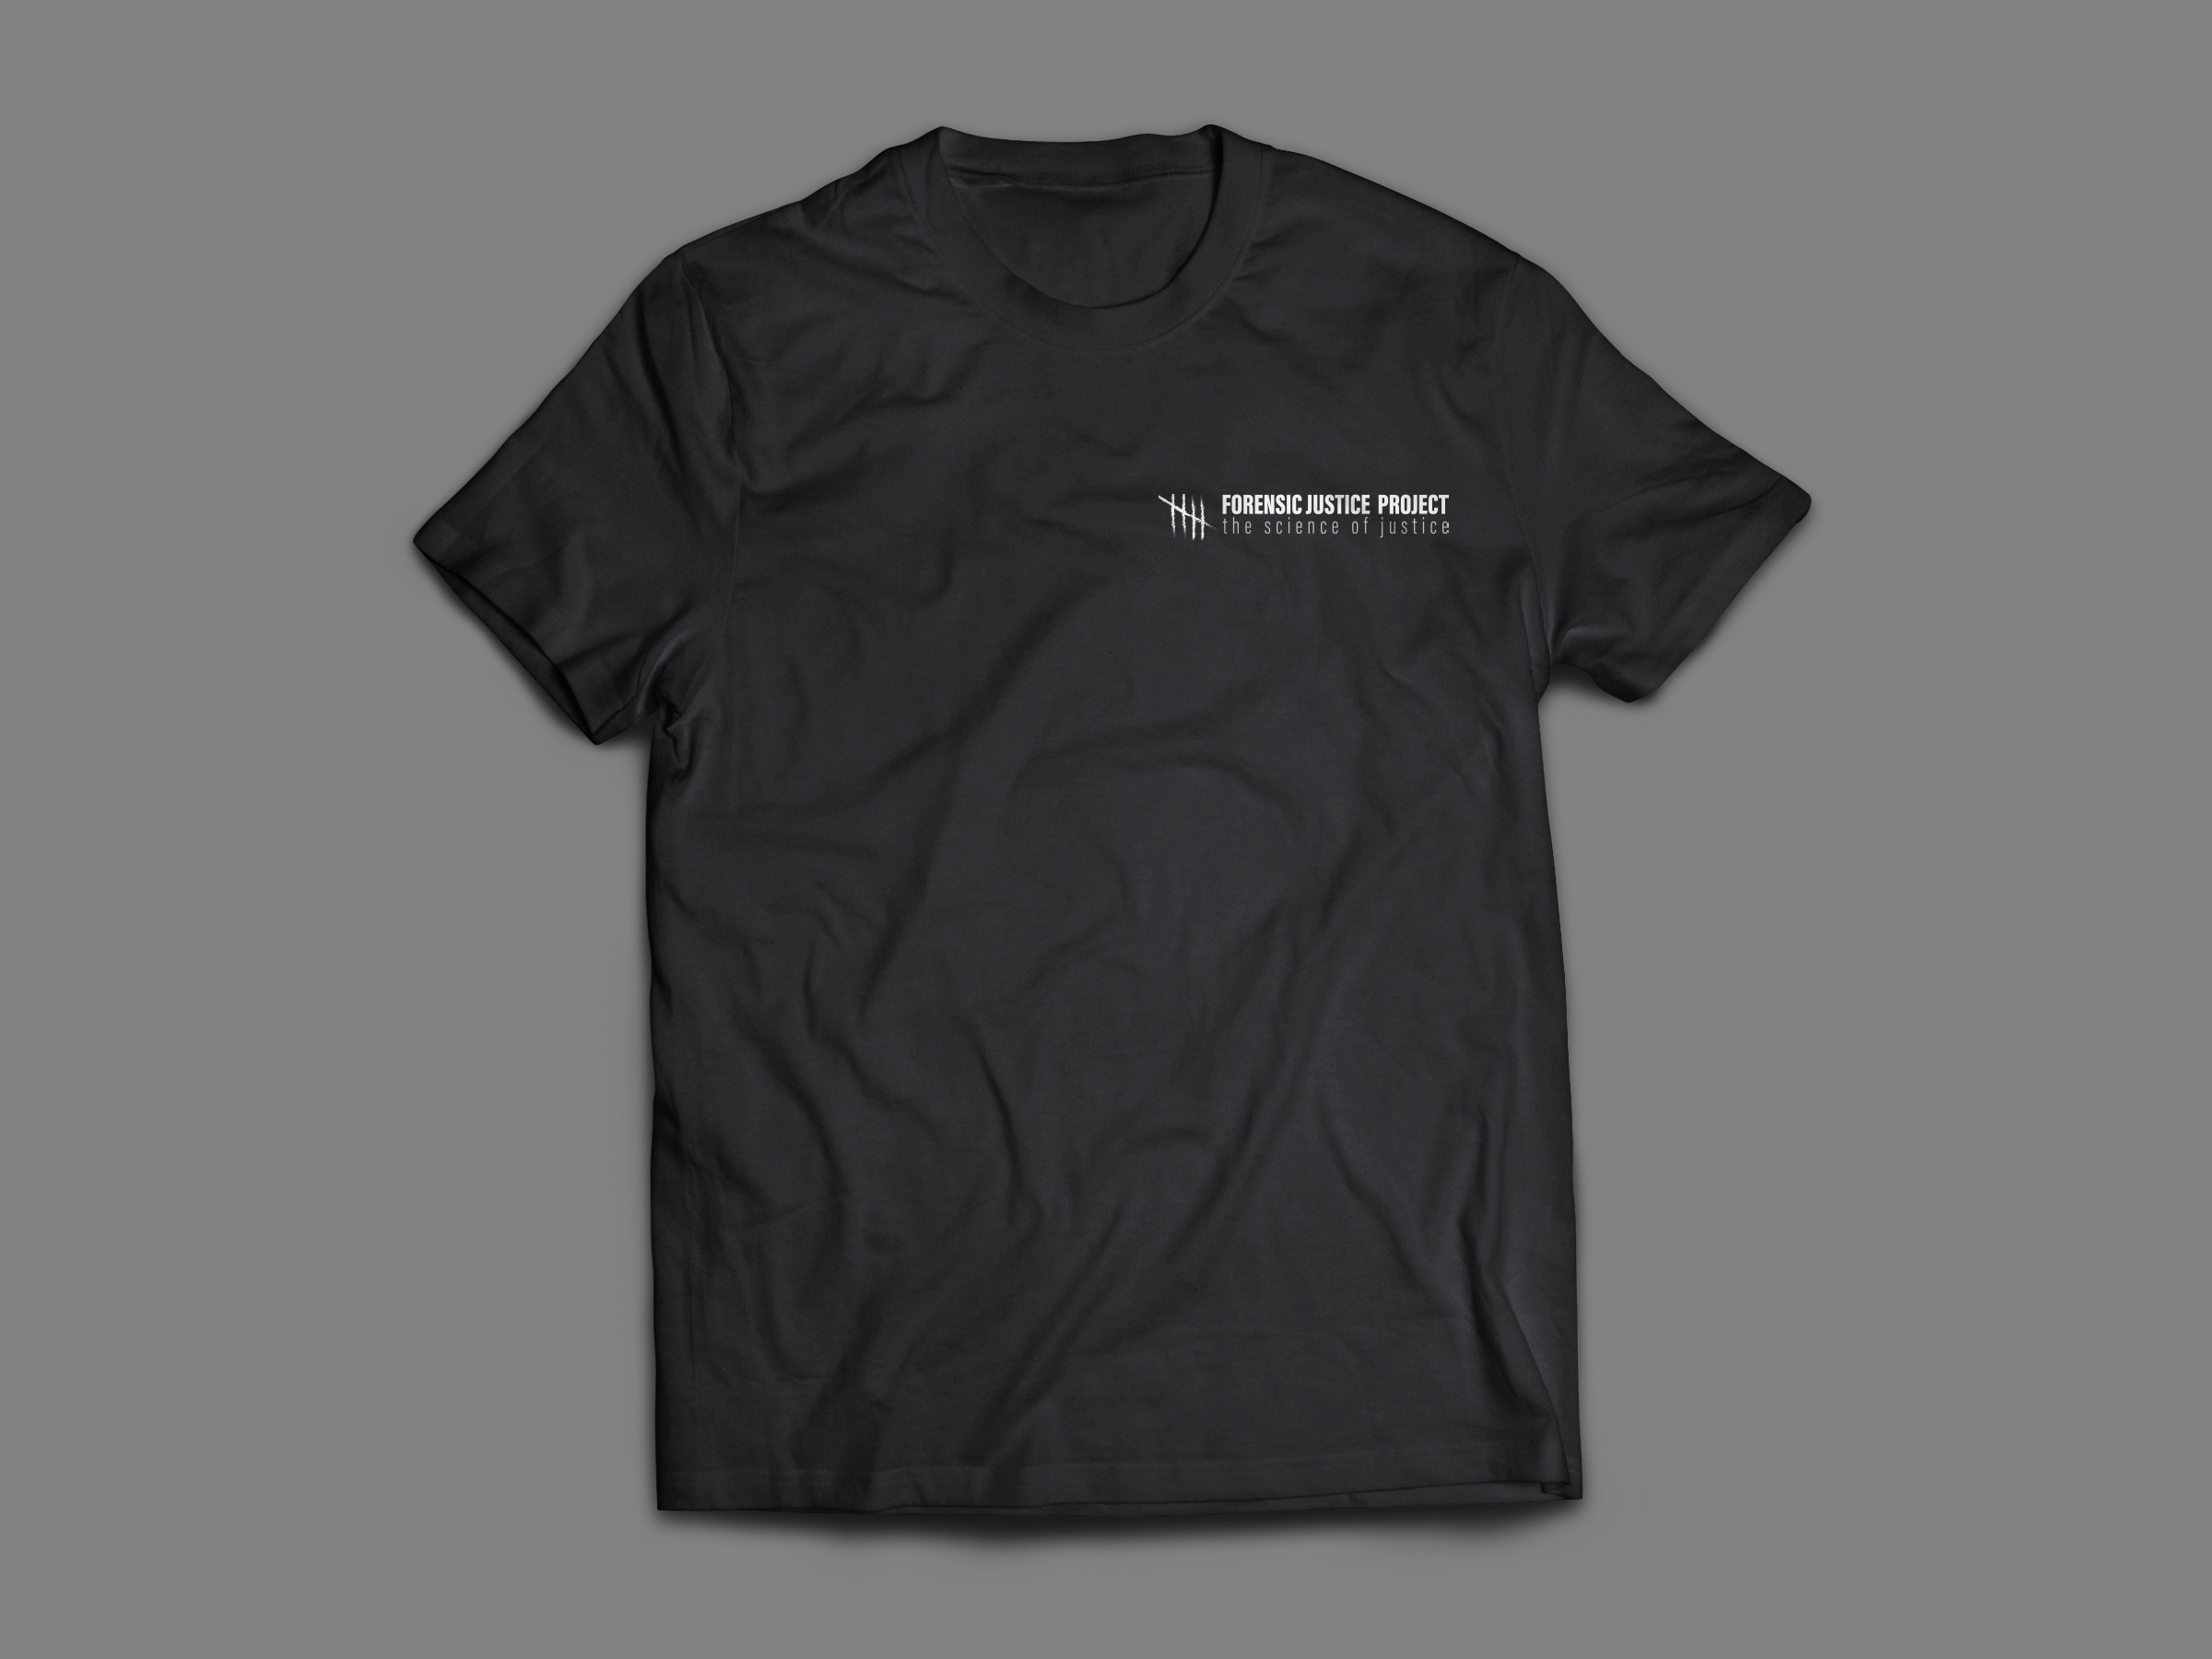 T-Shirt-MockUp_Front1.jpg